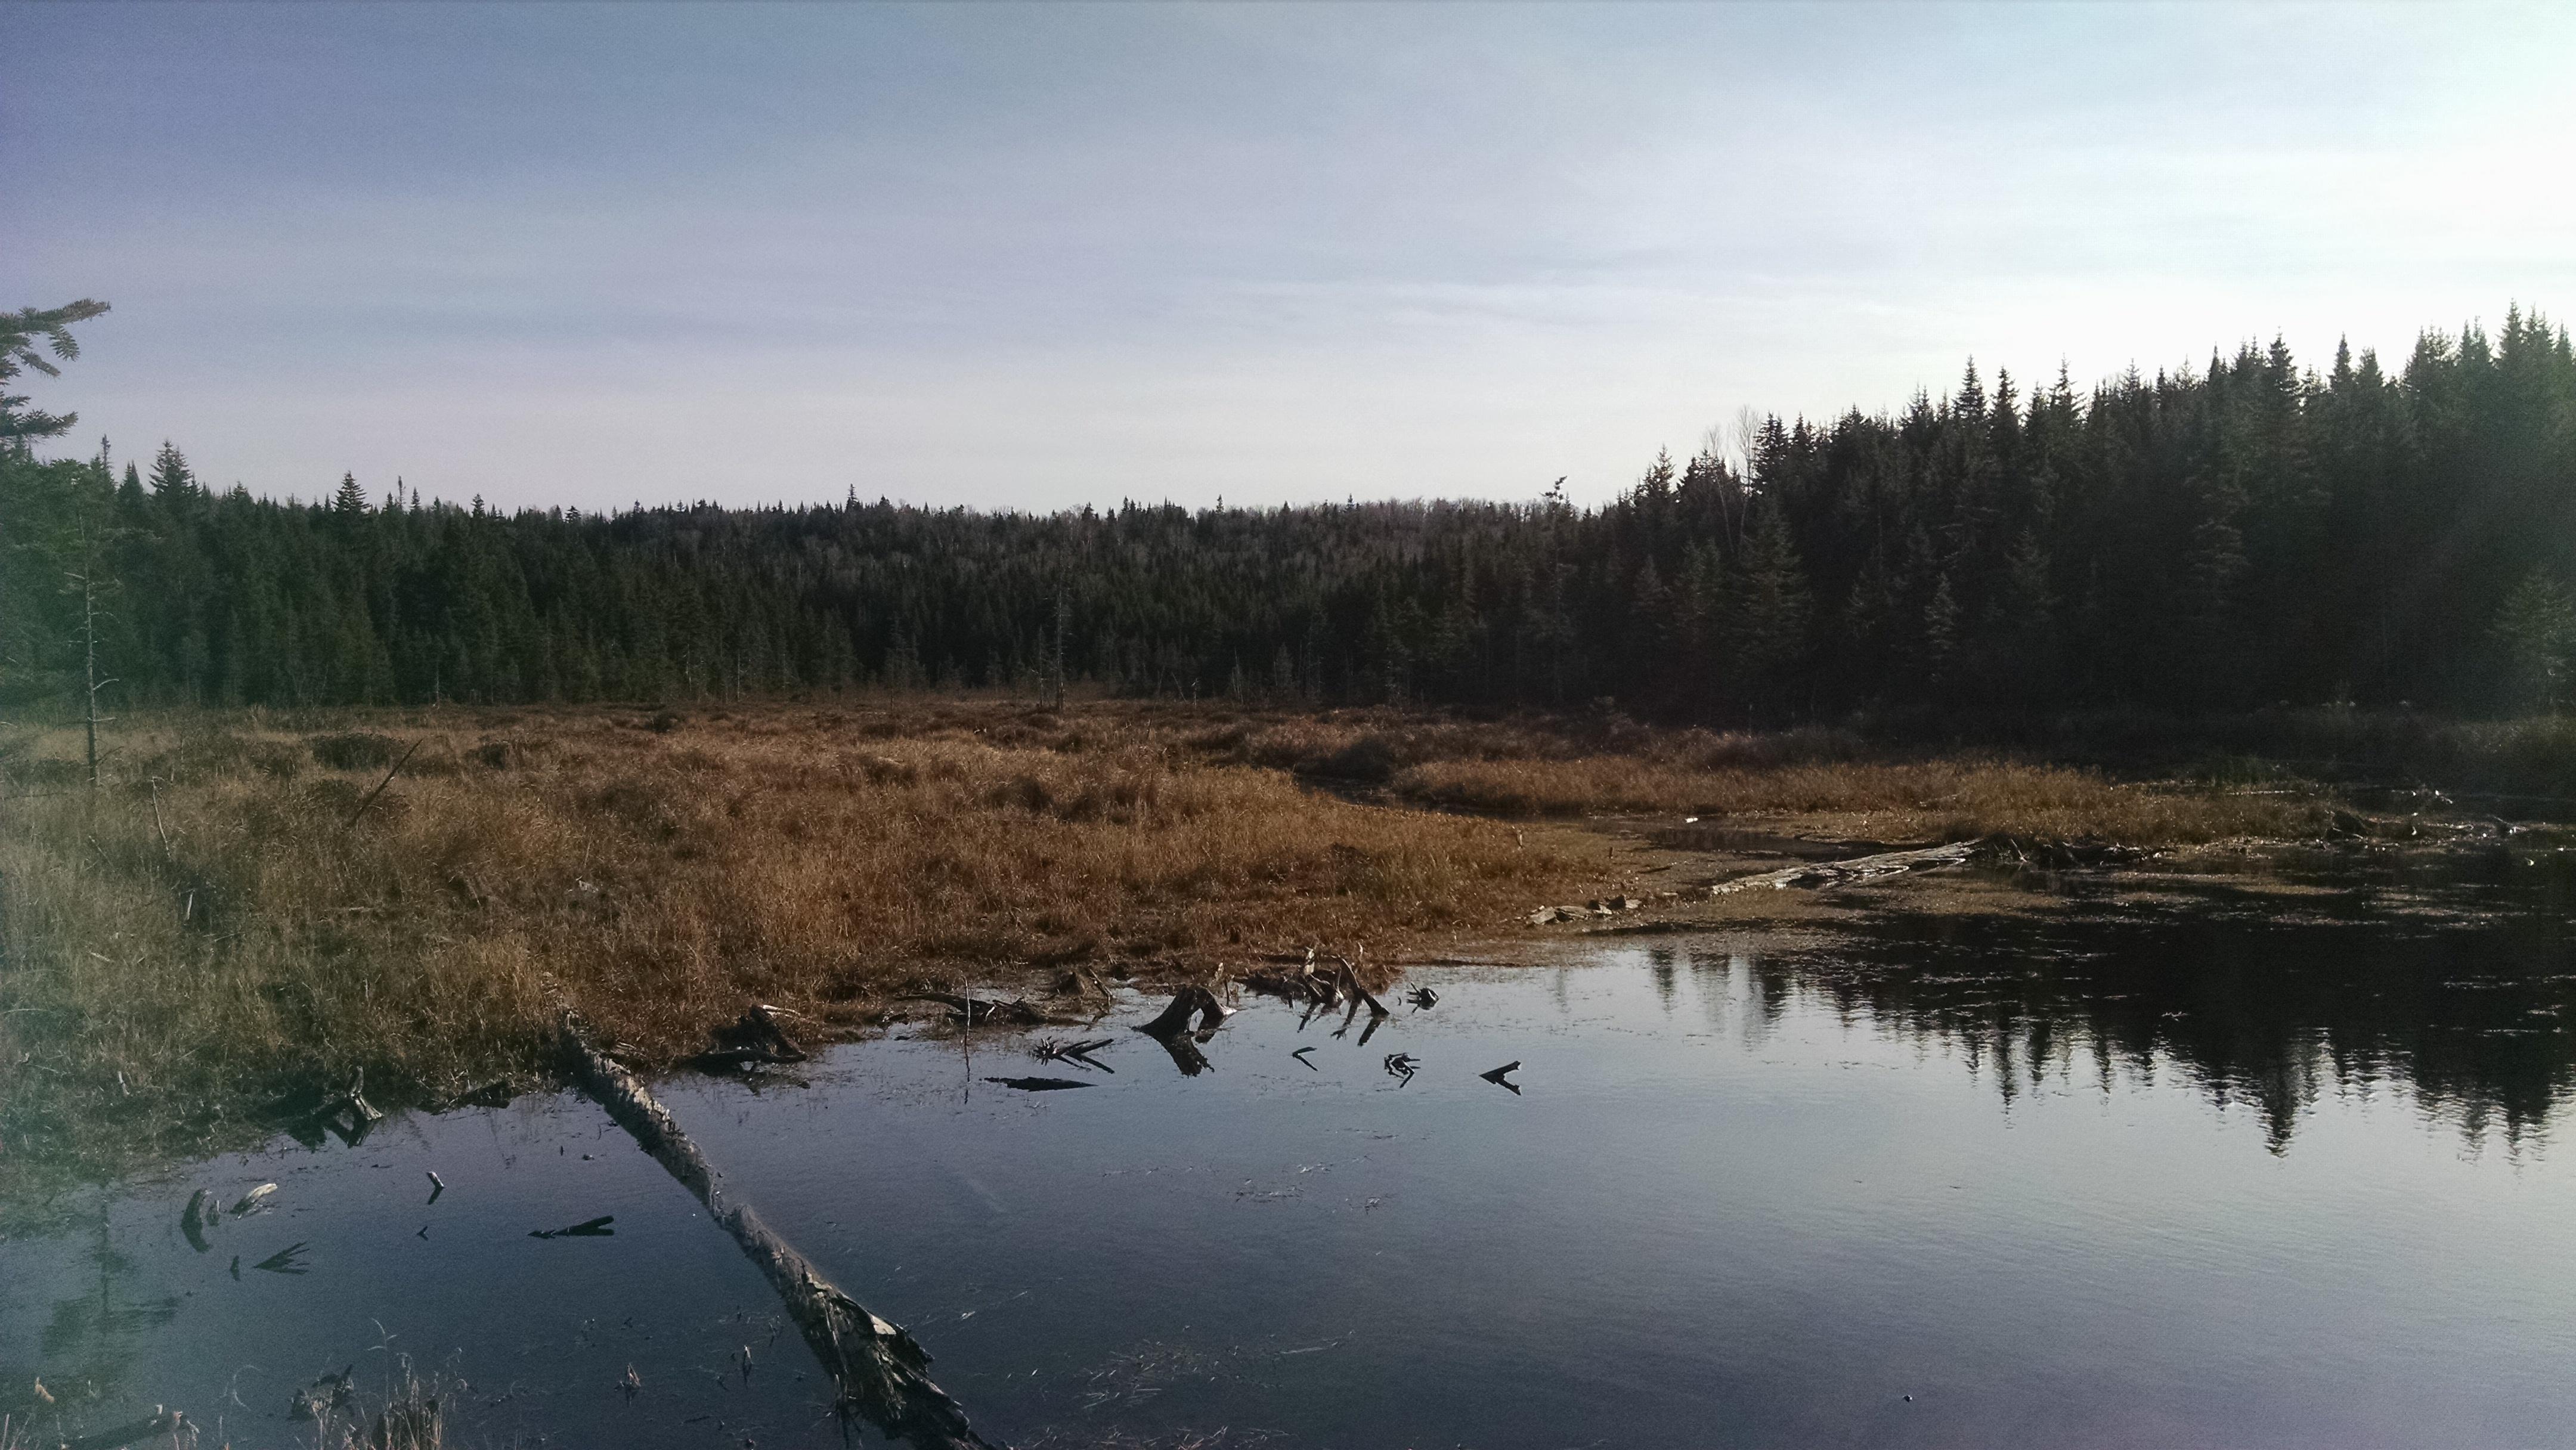 Wetland area.